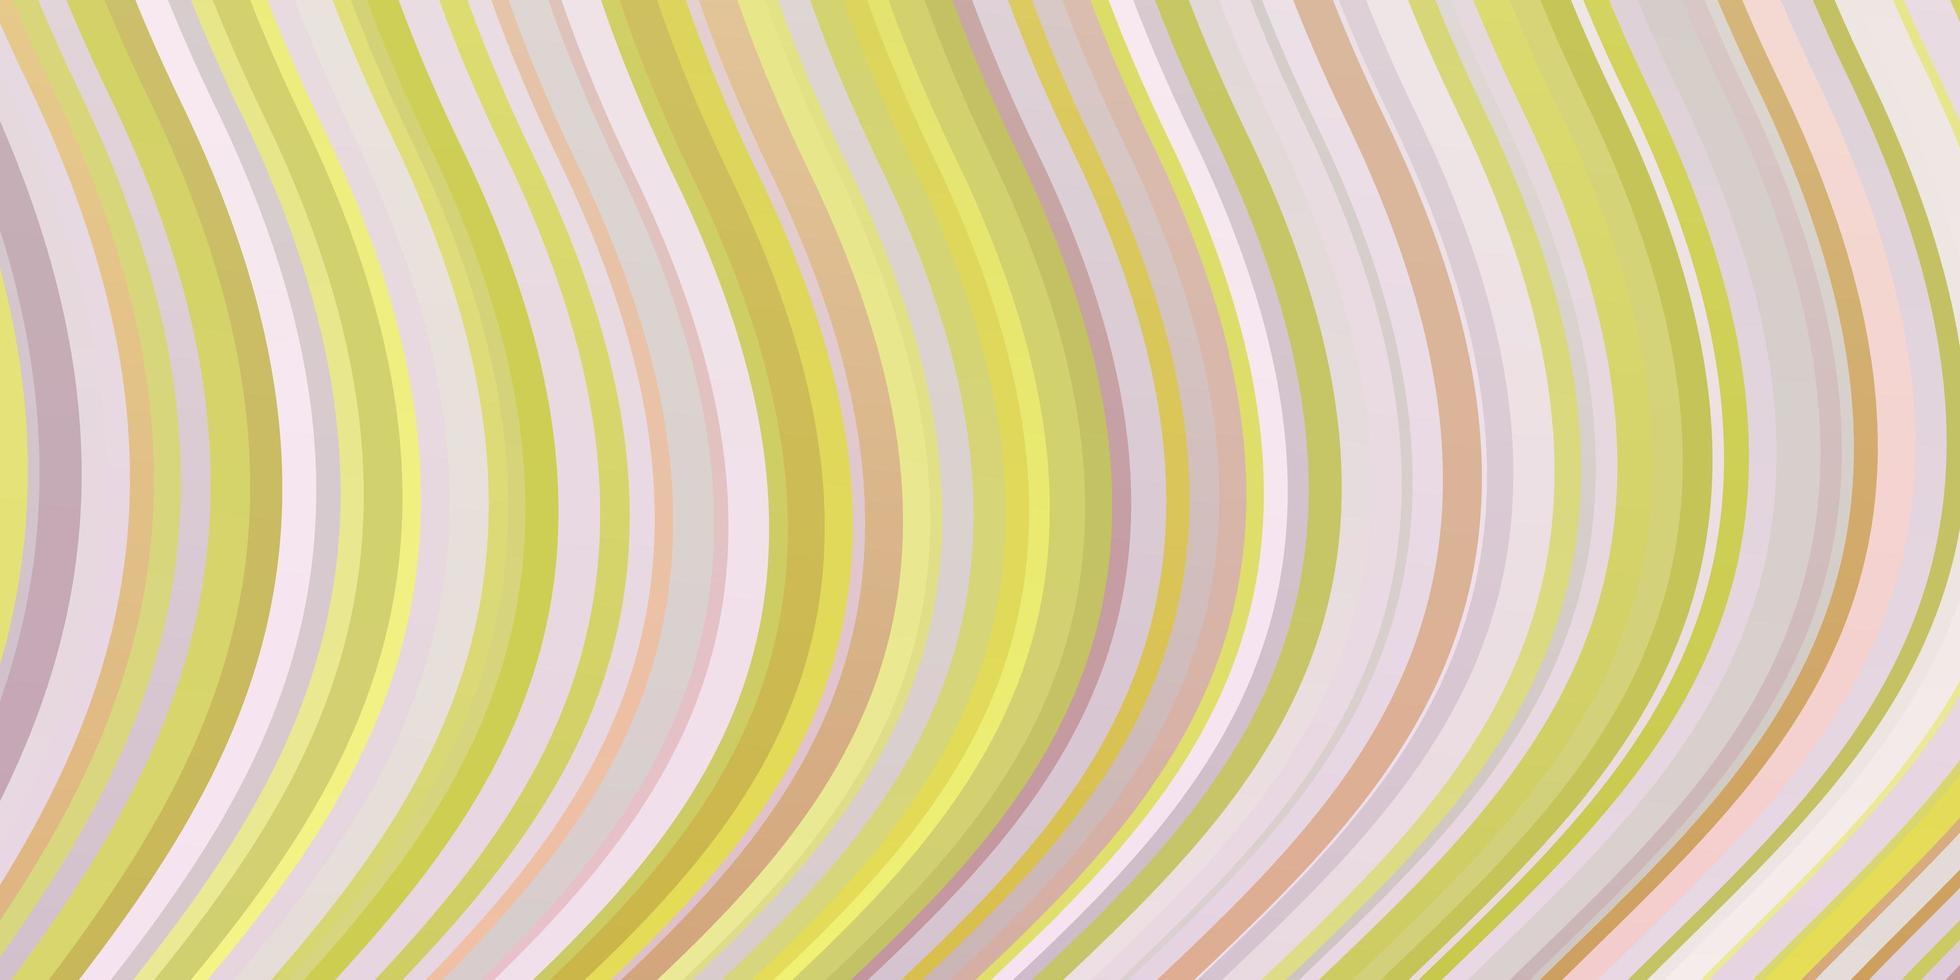 ljusrosa, gul vektorbakgrund med sneda linjer. vektor